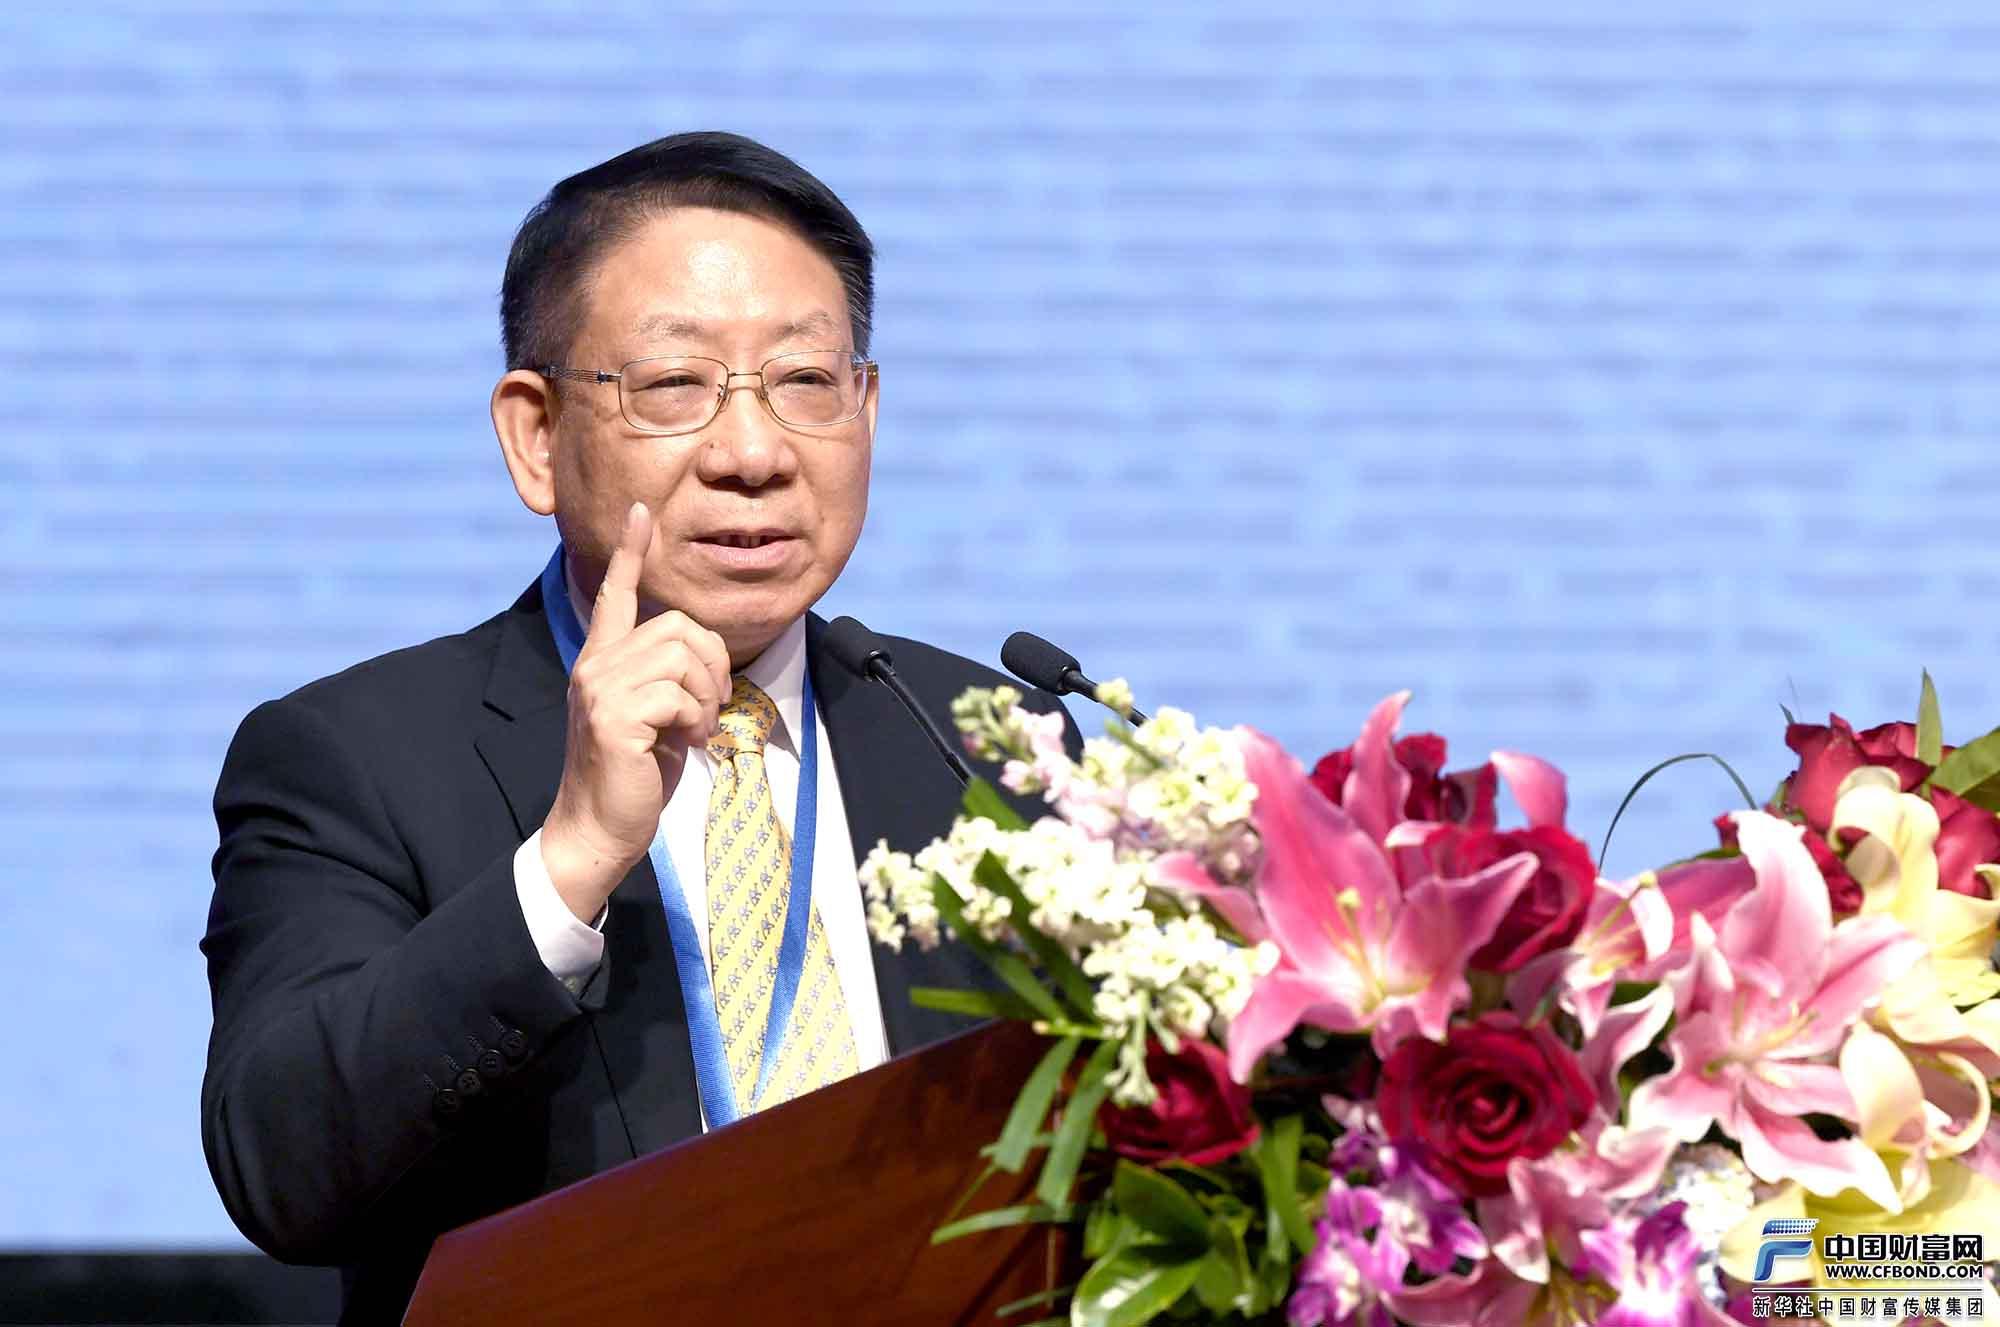 专题演讲:广东中盈盛达融资担保投资股份有限公司董事长吴列进